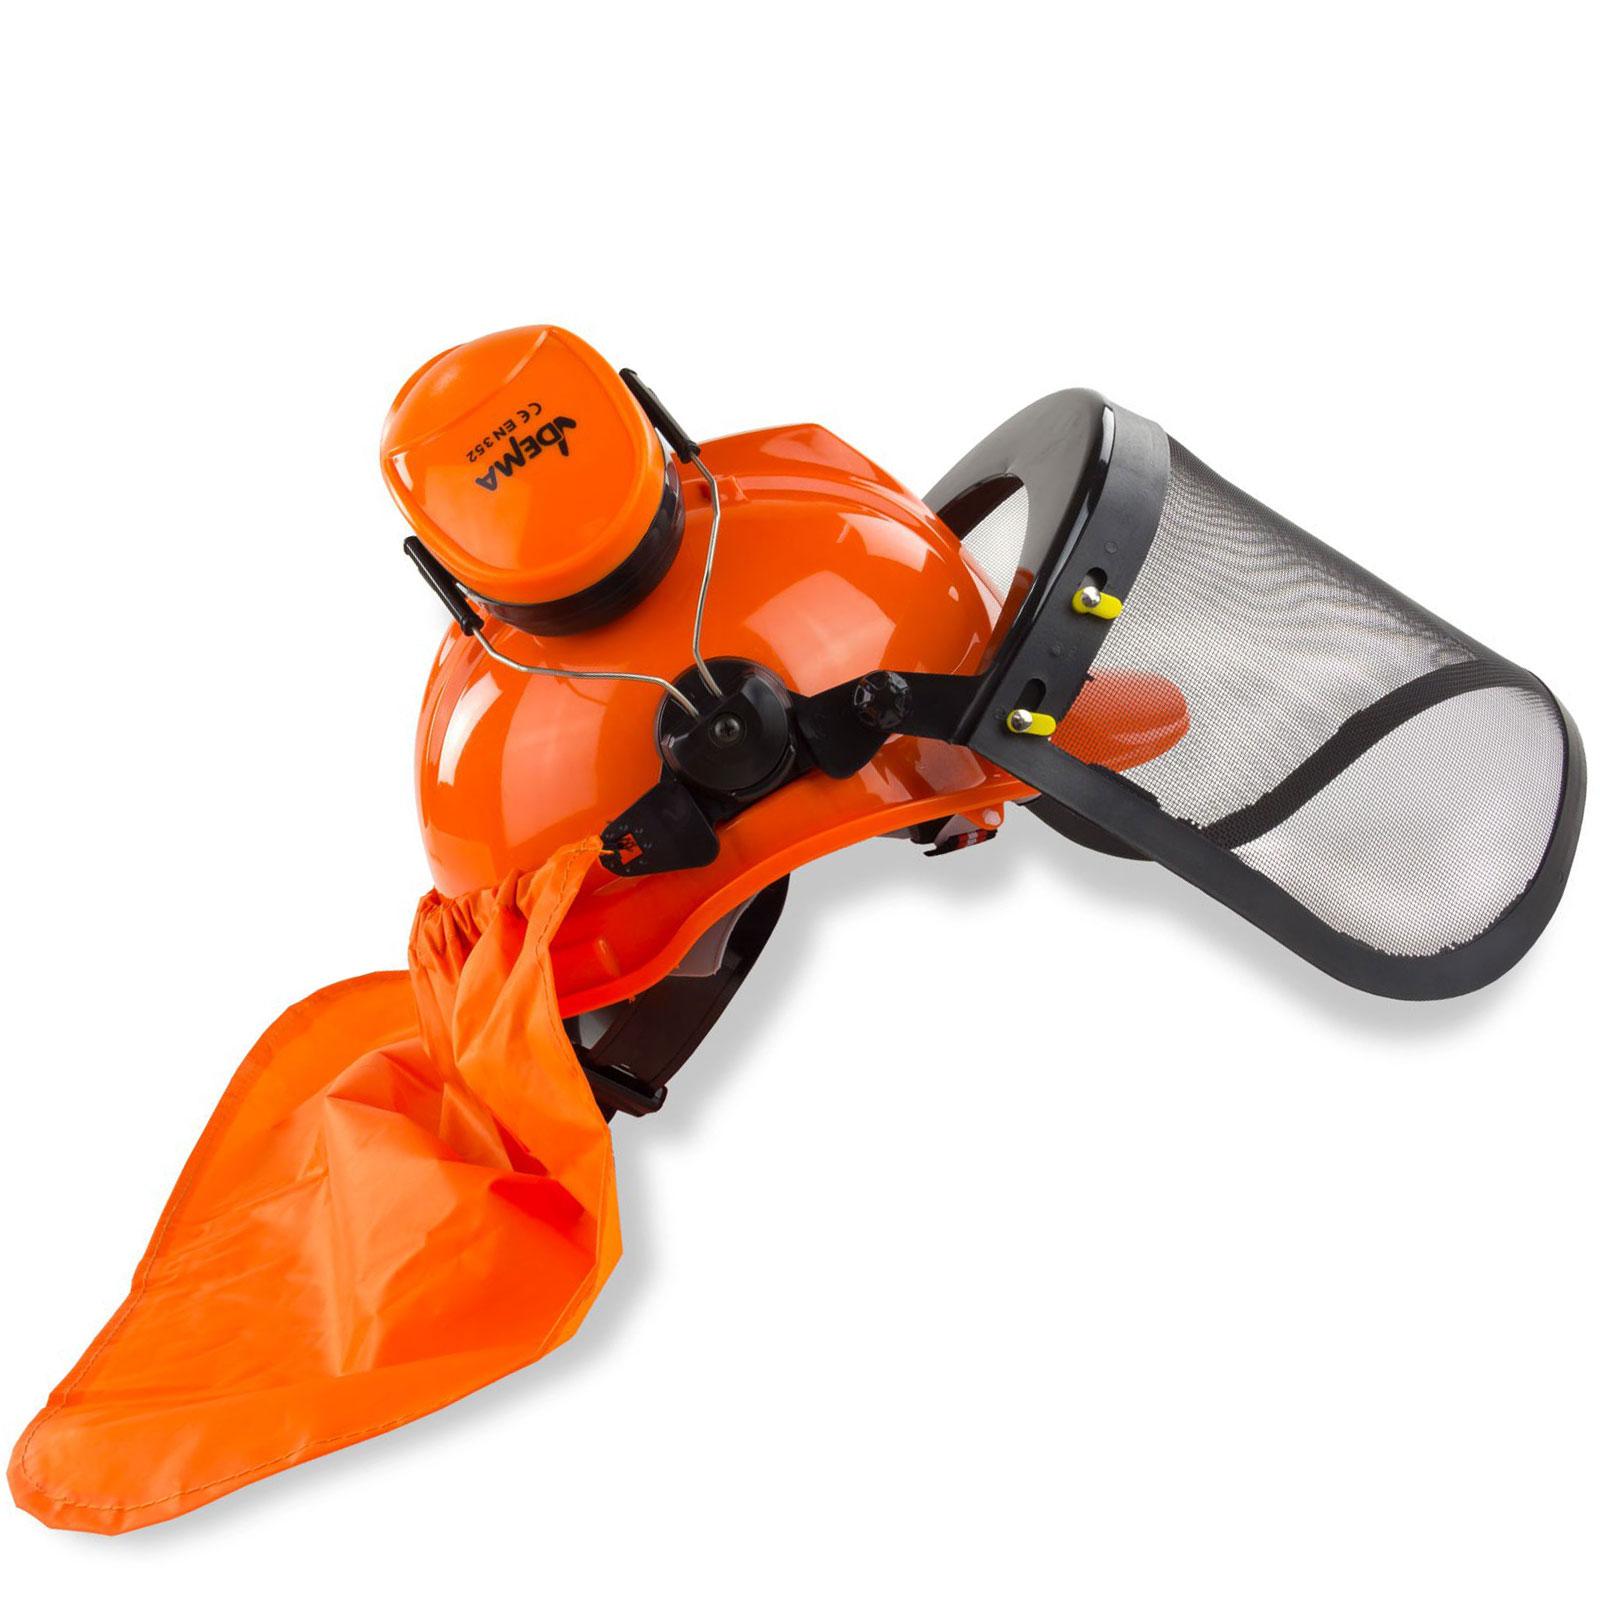 Forsthelm orange mit Gesichtsschutz Gehörschutz Nackenschutz, Waldarbeiterhelm, Forstschutzhelm, Schutzhelm, 4031765302227, 914453